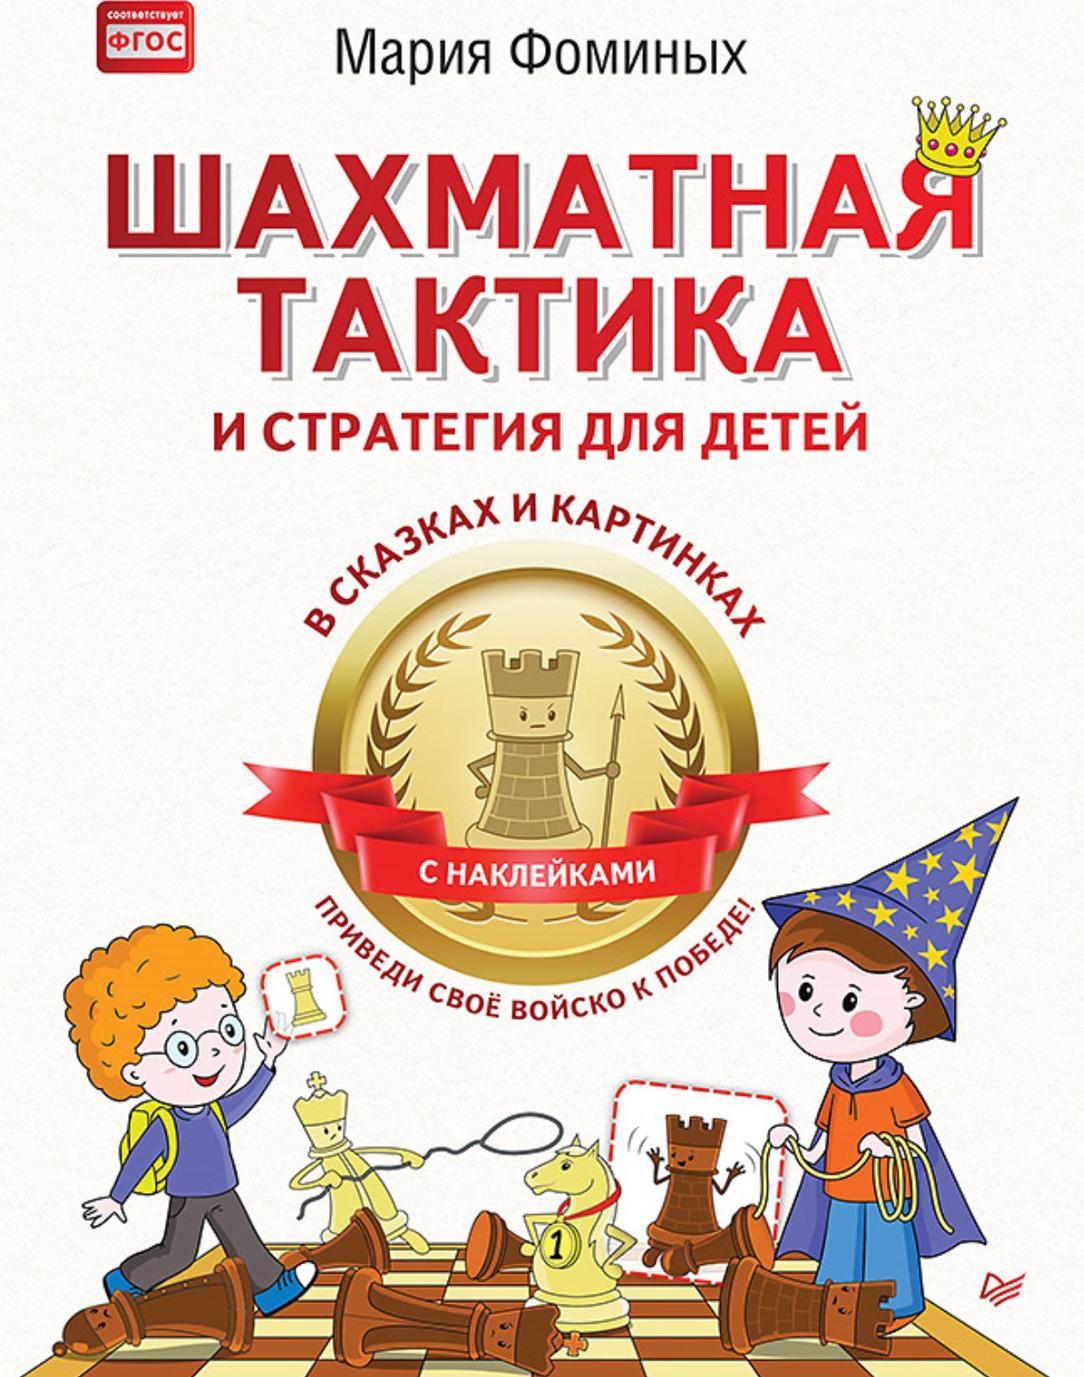 Shakhmatnaja taktika i strategija dlja detej v skazkakh i kartinkakh c naklejkami. Privedi svojo vojsko k pobede! (+ naklejki)